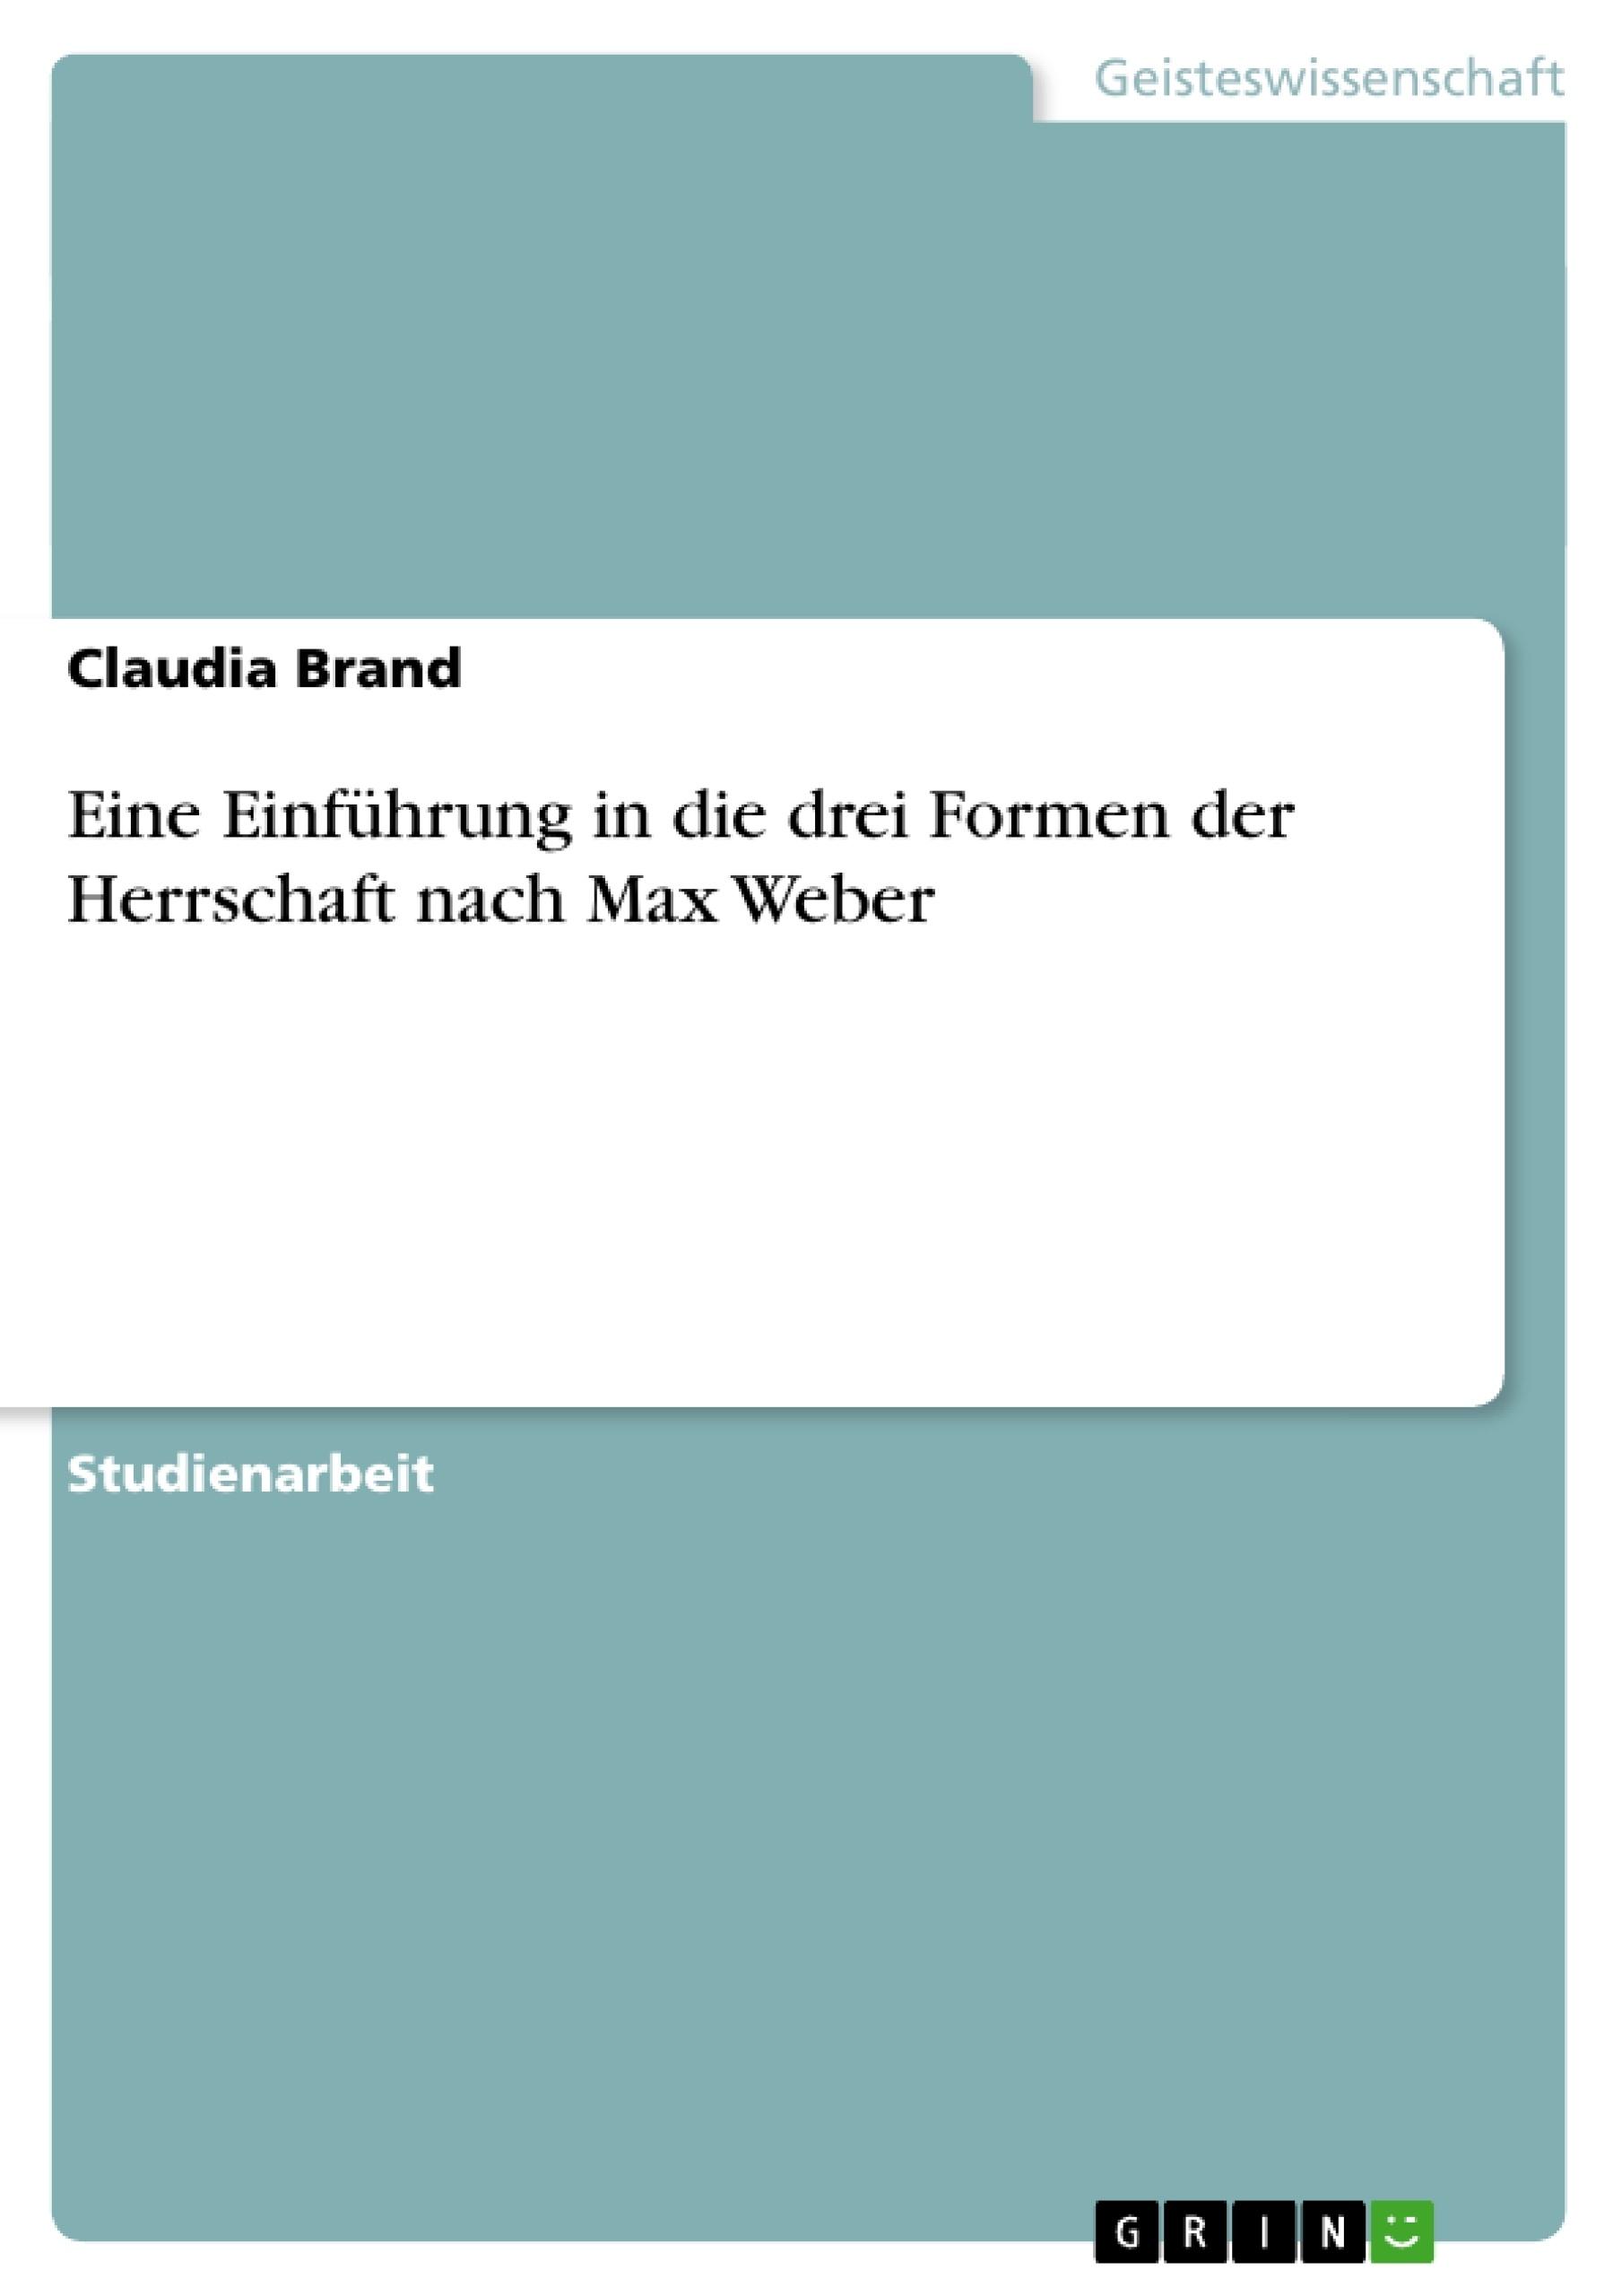 Titel: Eine Einführung in die drei Formen der Herrschaft nach Max Weber